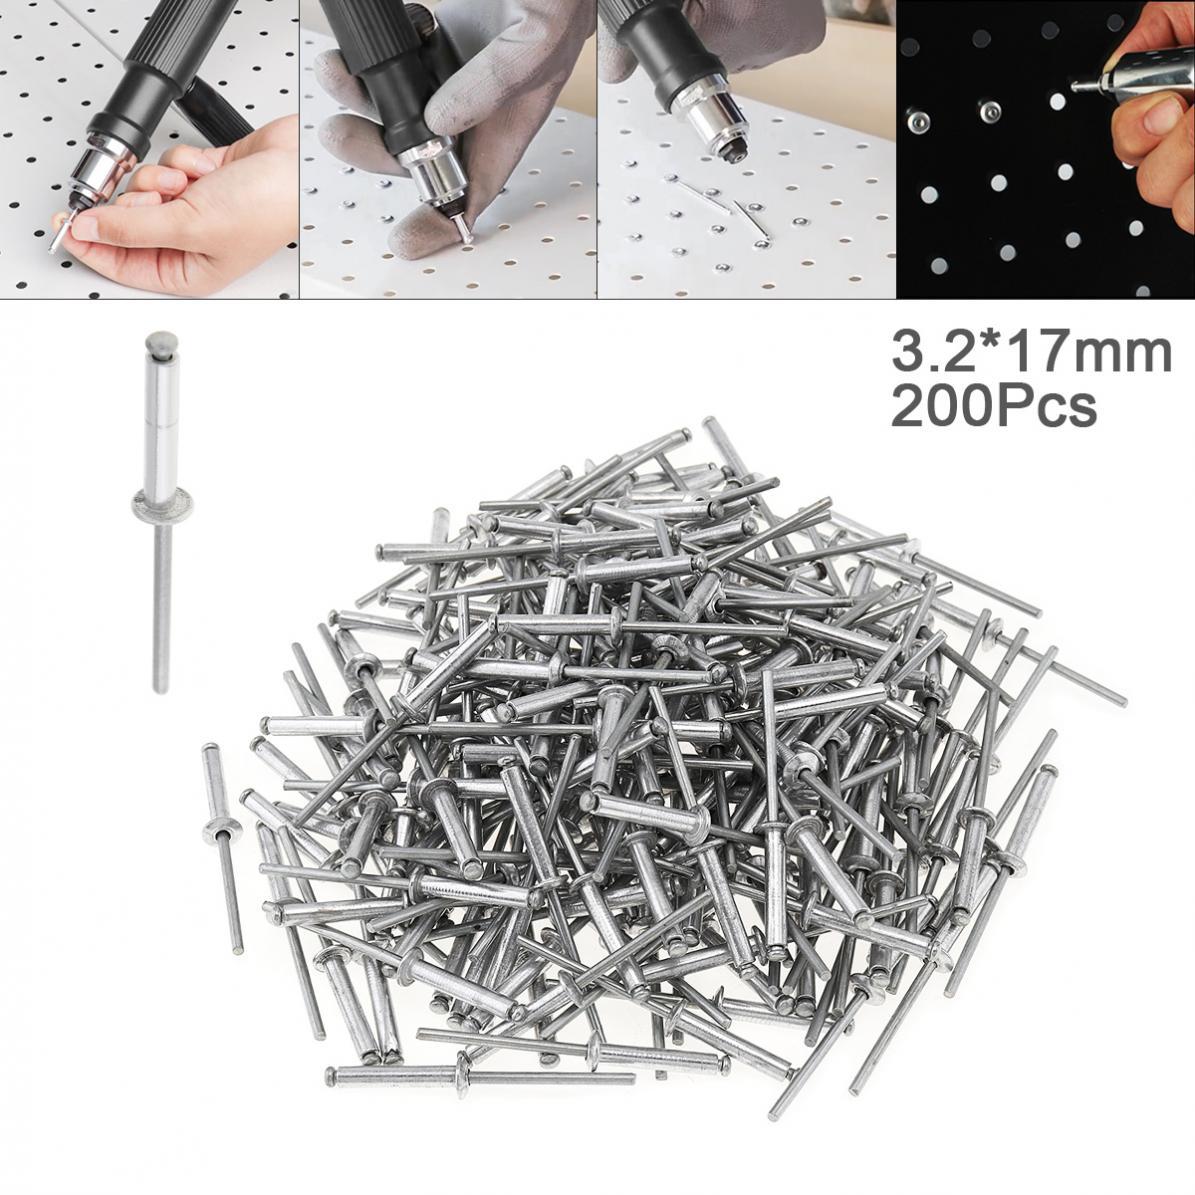 200 pièces vis tirant Rivets M3.2x17mm Aluminium Rivet pistolet noyau tirant rivetage rupture mandrin clou pour meubles voiture avion